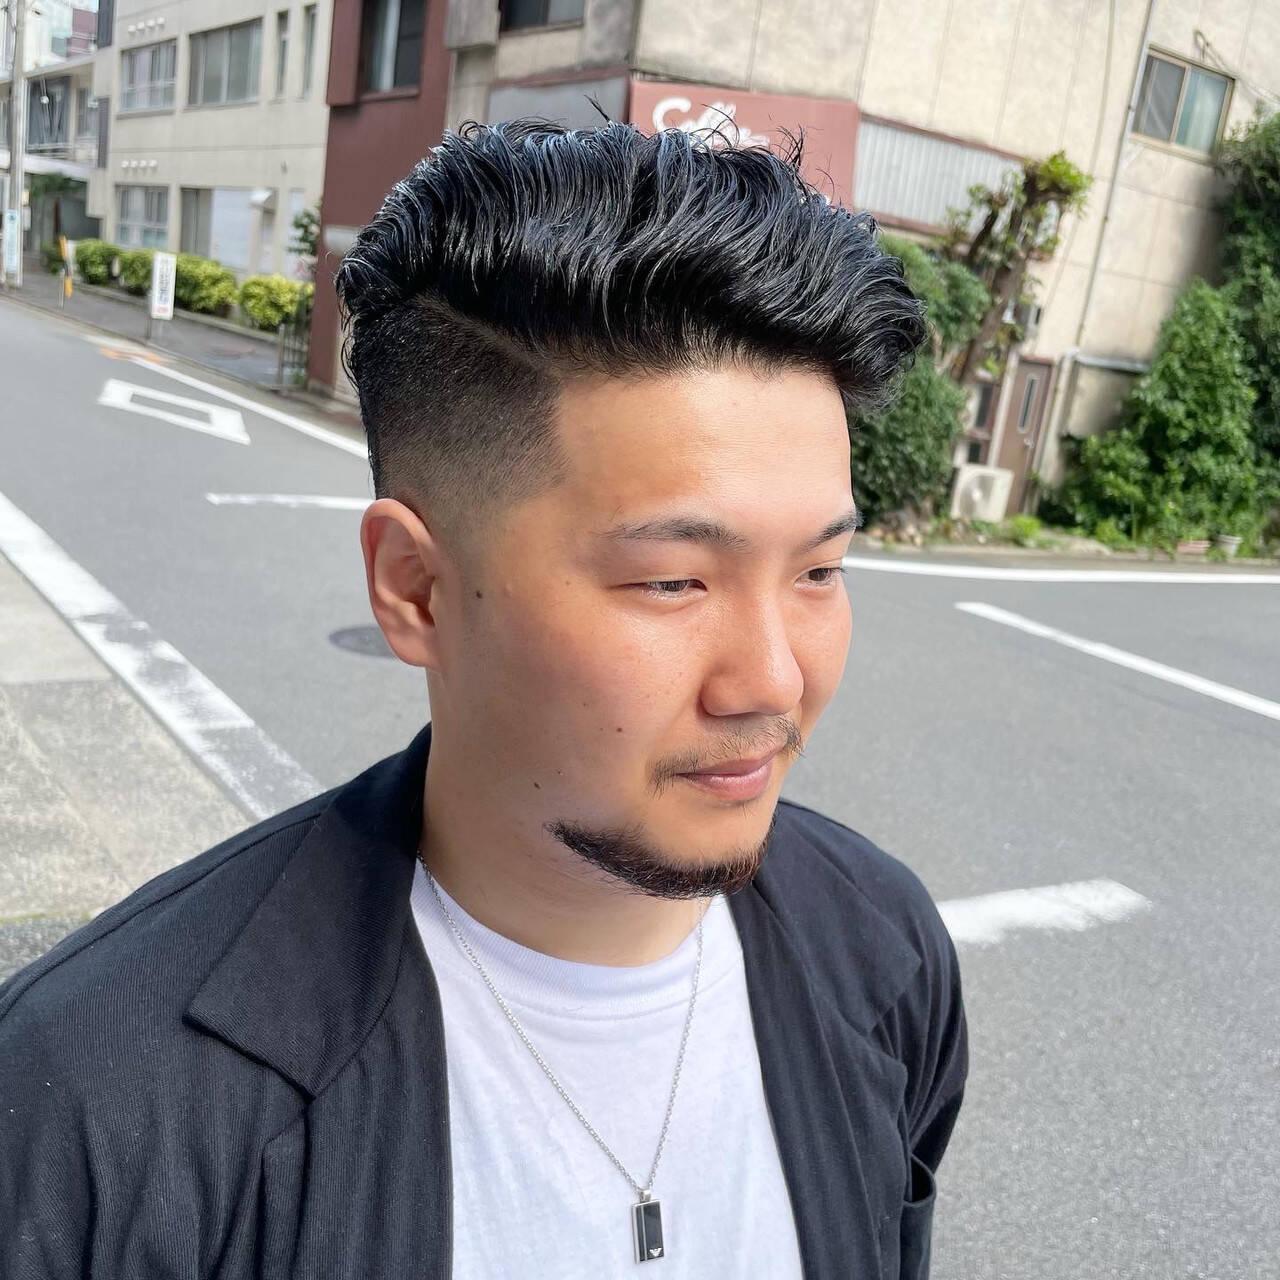 ストリート メンズカット メンズヘア ベリーショートヘアスタイルや髪型の写真・画像